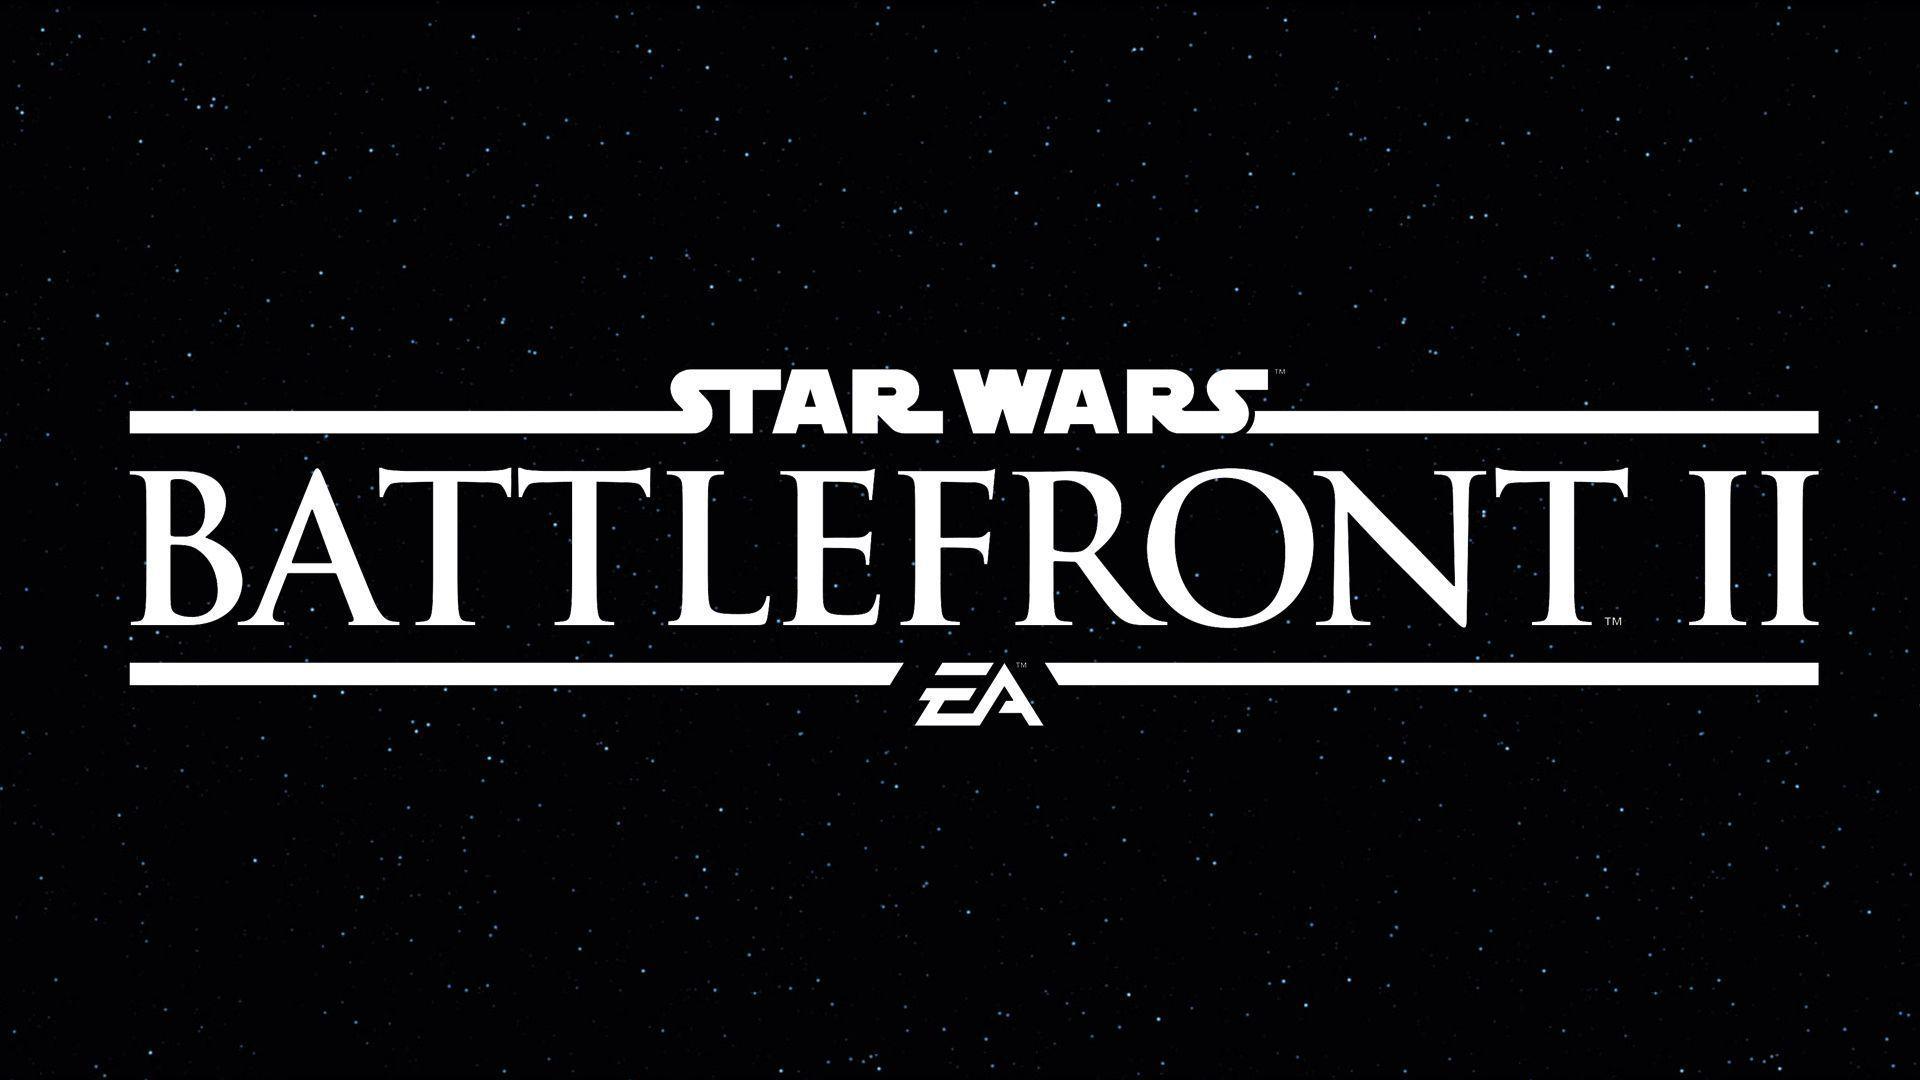 Star Wars Battlefront II Photos